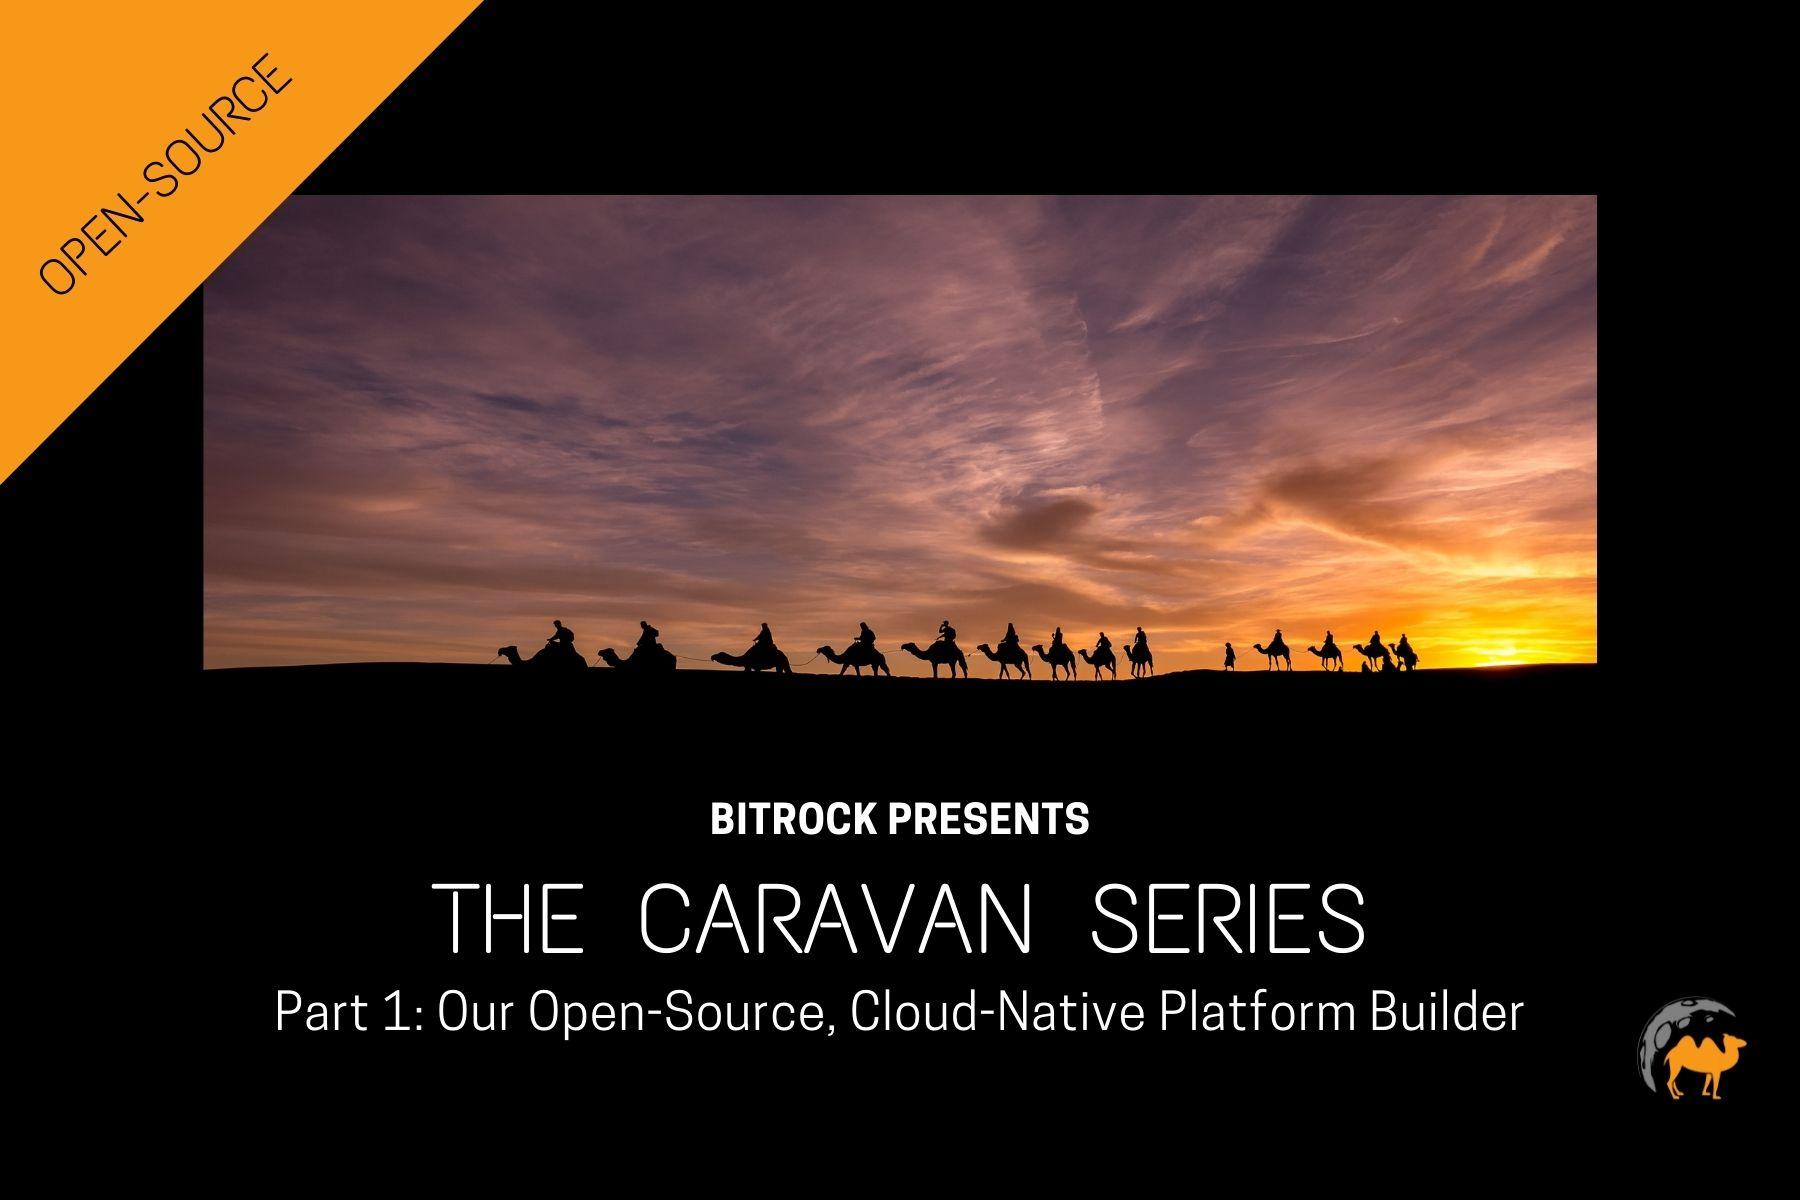 Caravan Series Part 1